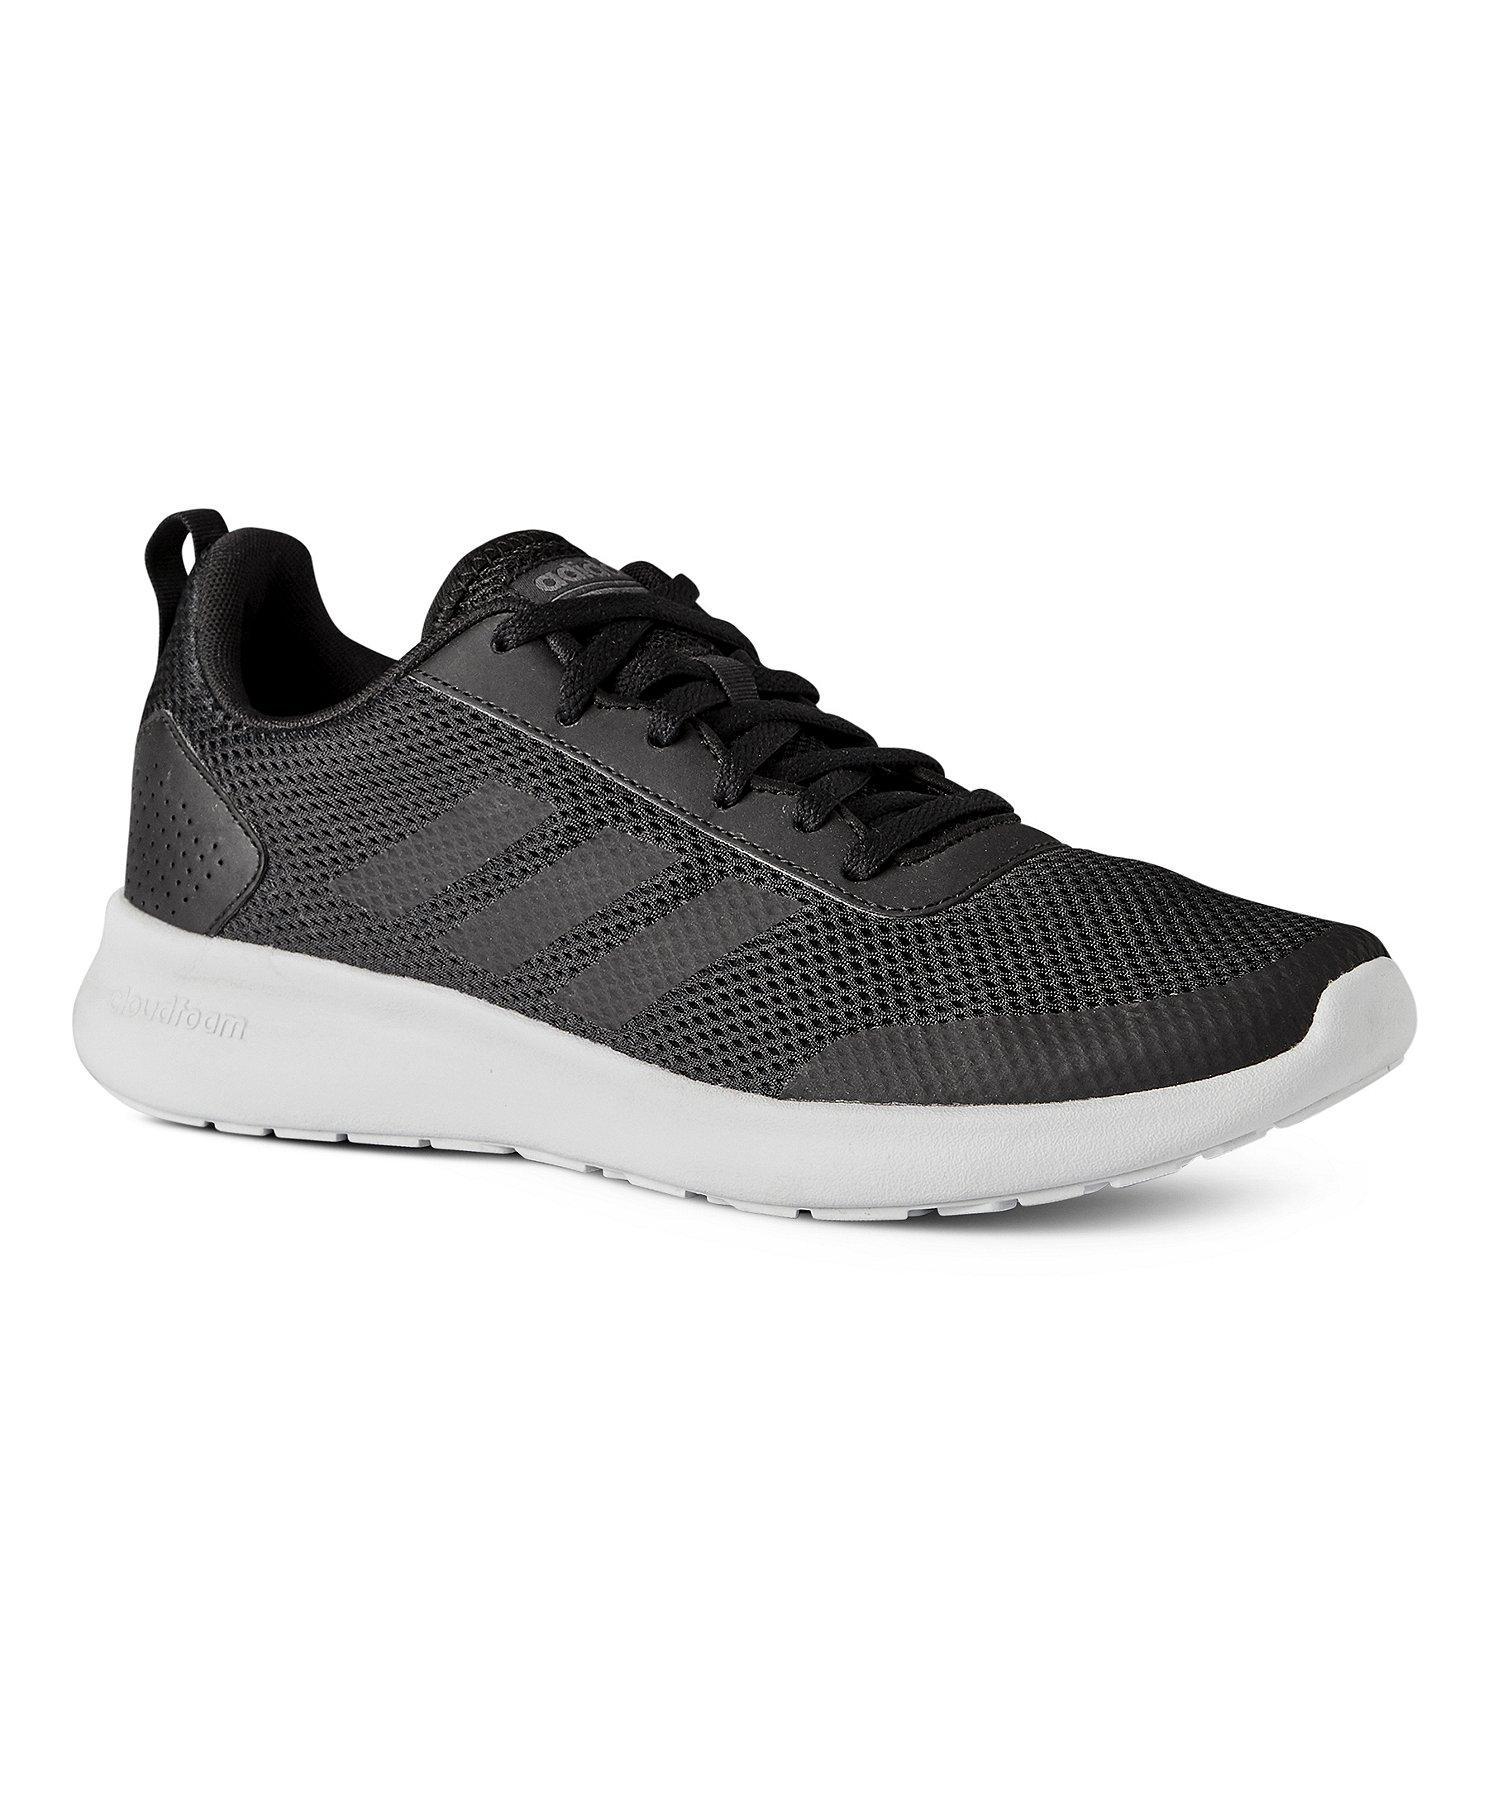 Chaussures de sport pour hommes, Argency